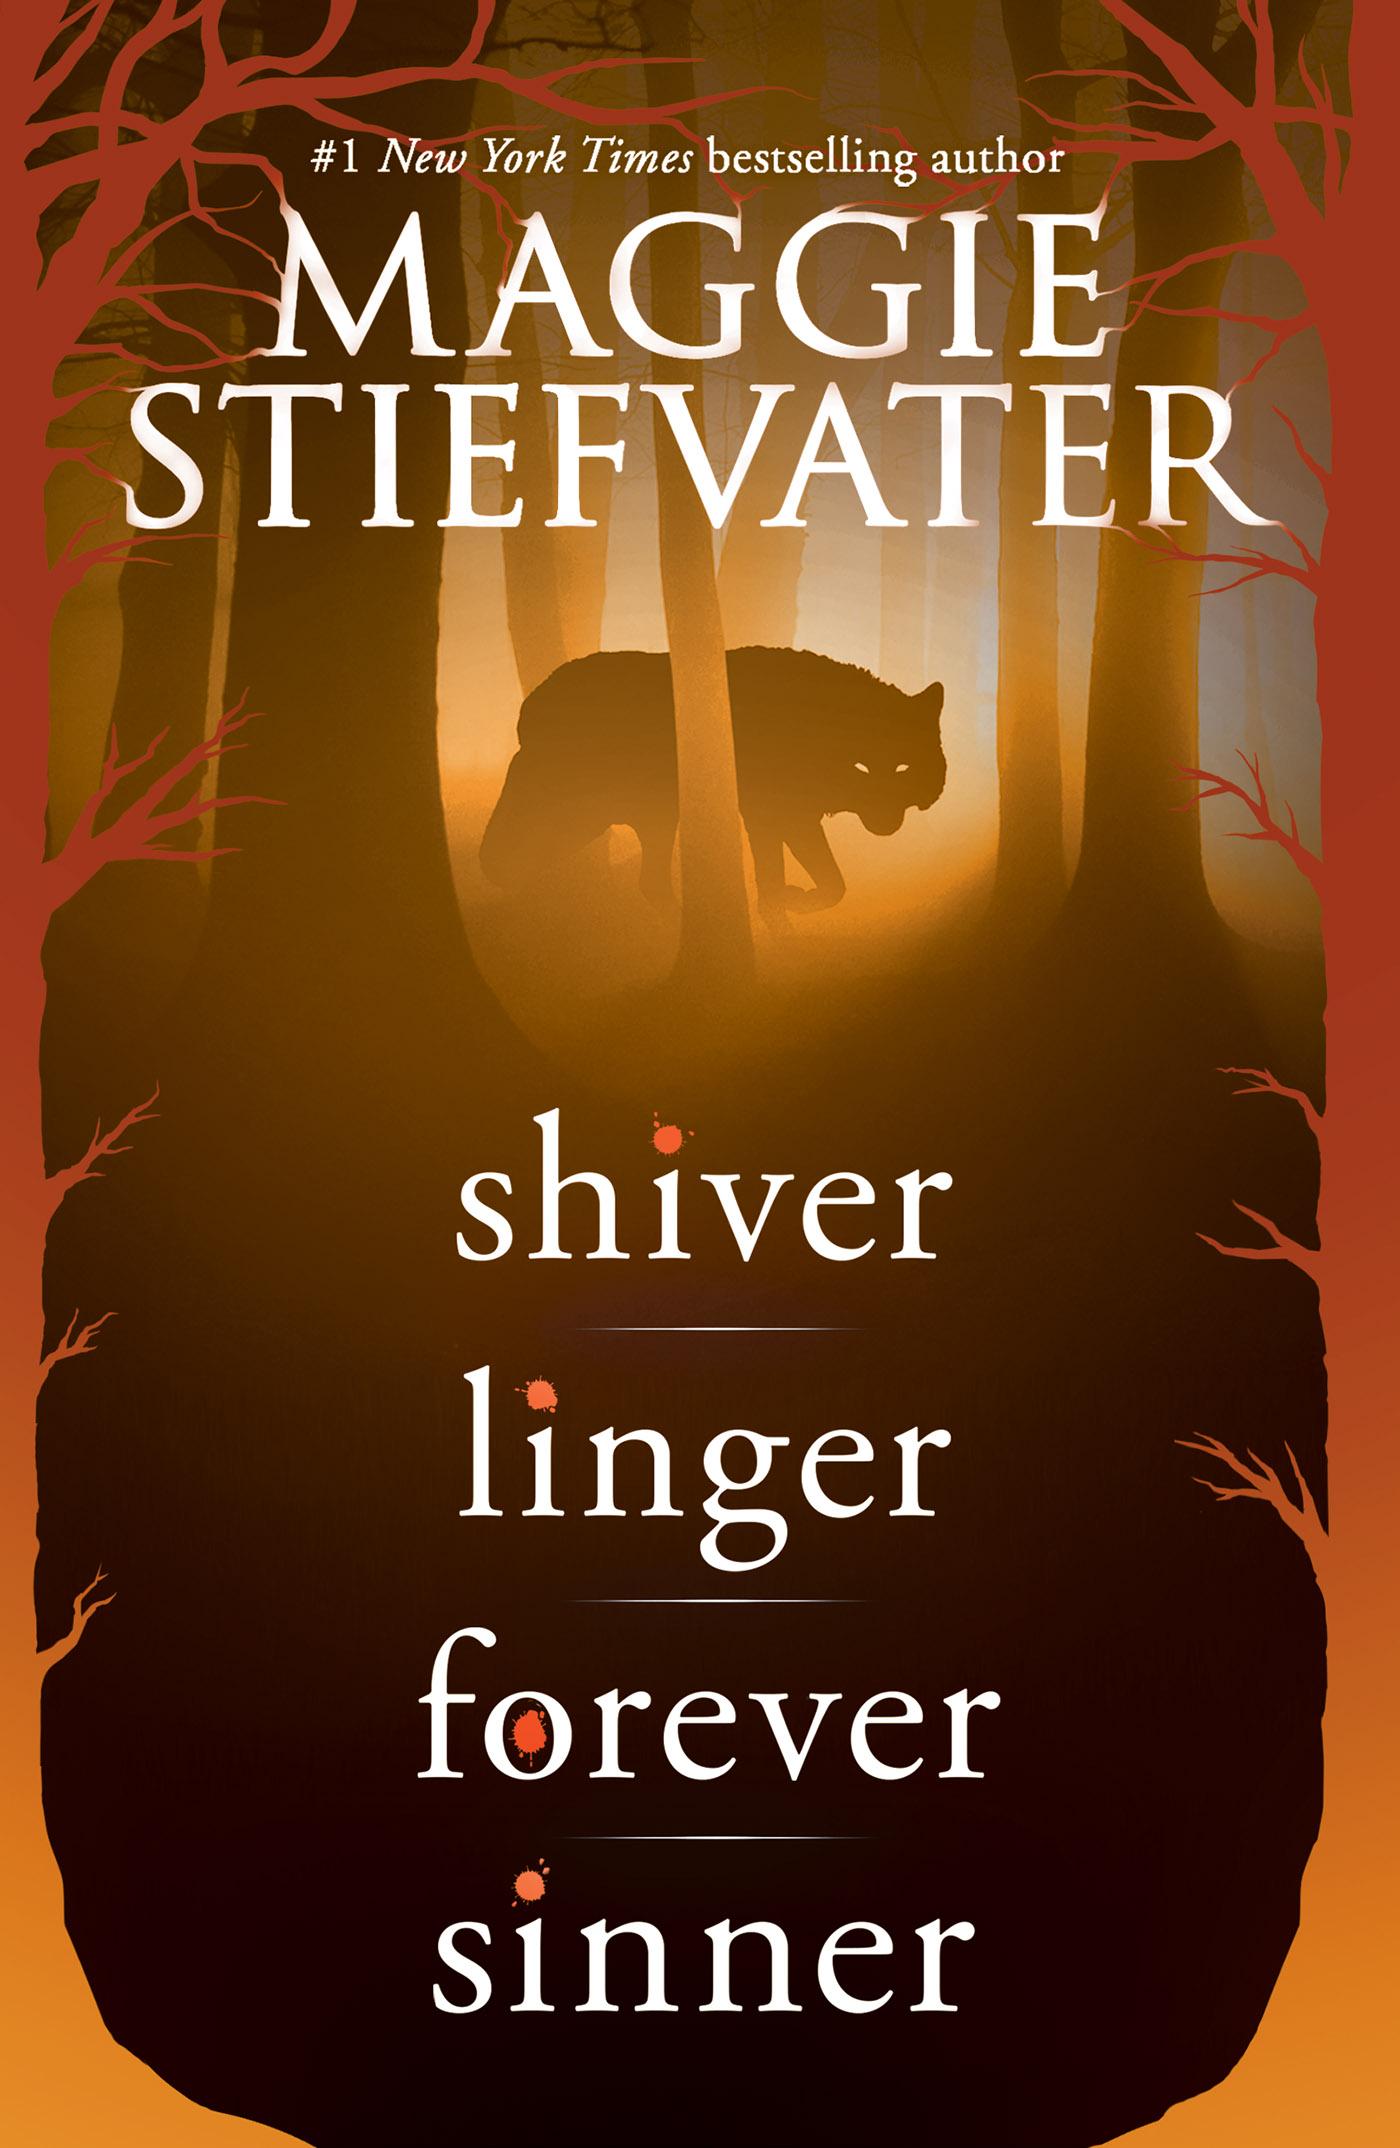 Shiver Series (Shiver, Linger, Forever, Sinner)